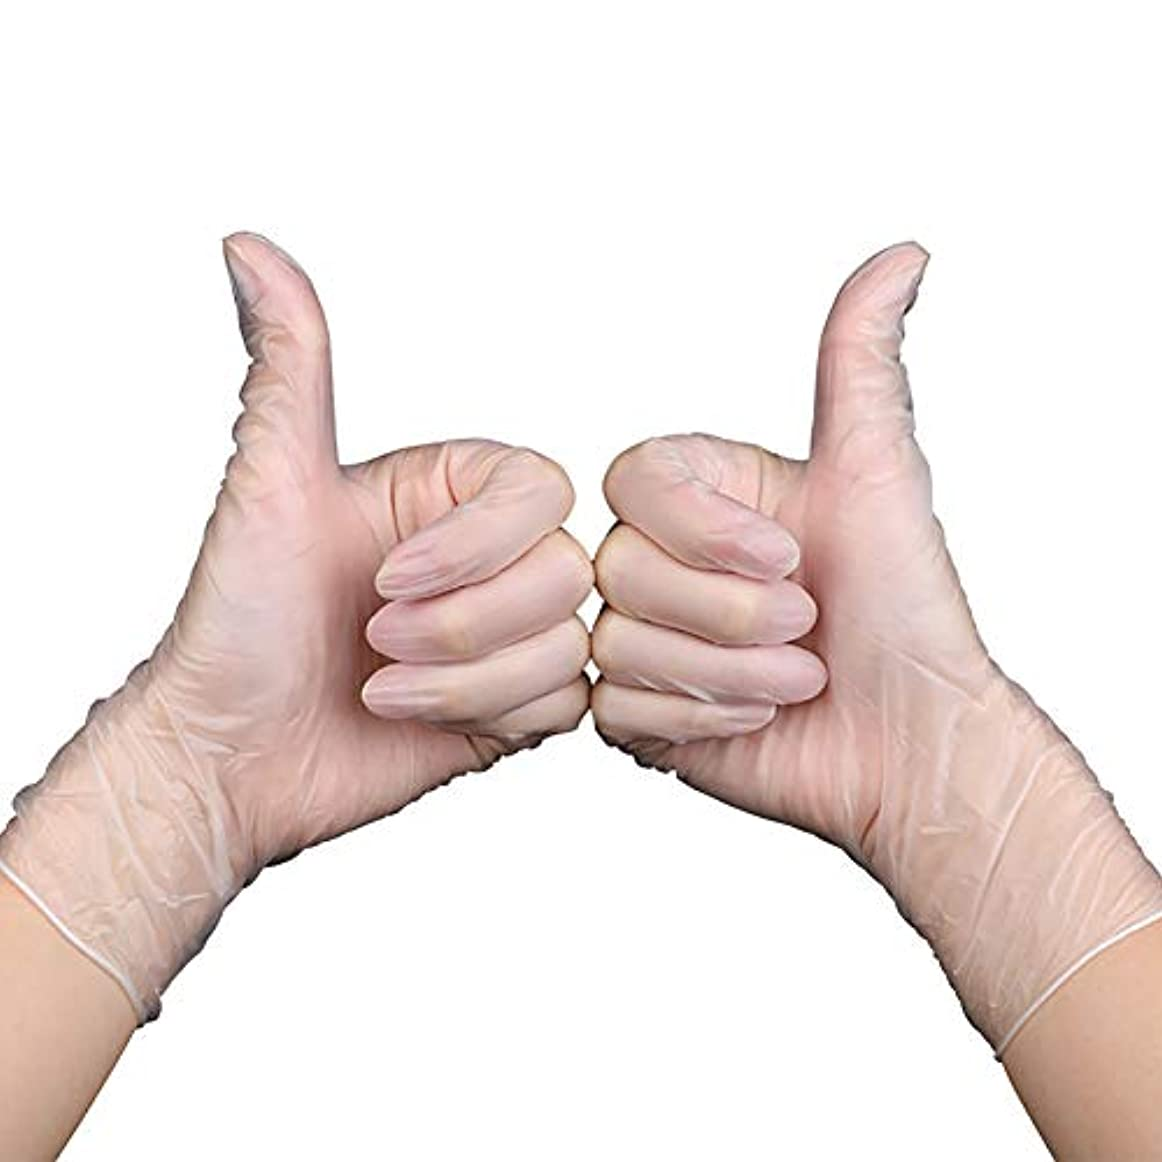 バドミントン解読する警告使い捨て医療用手袋、食品用PVC手袋、透明食品工場の医療検査美容室に適しています、200個